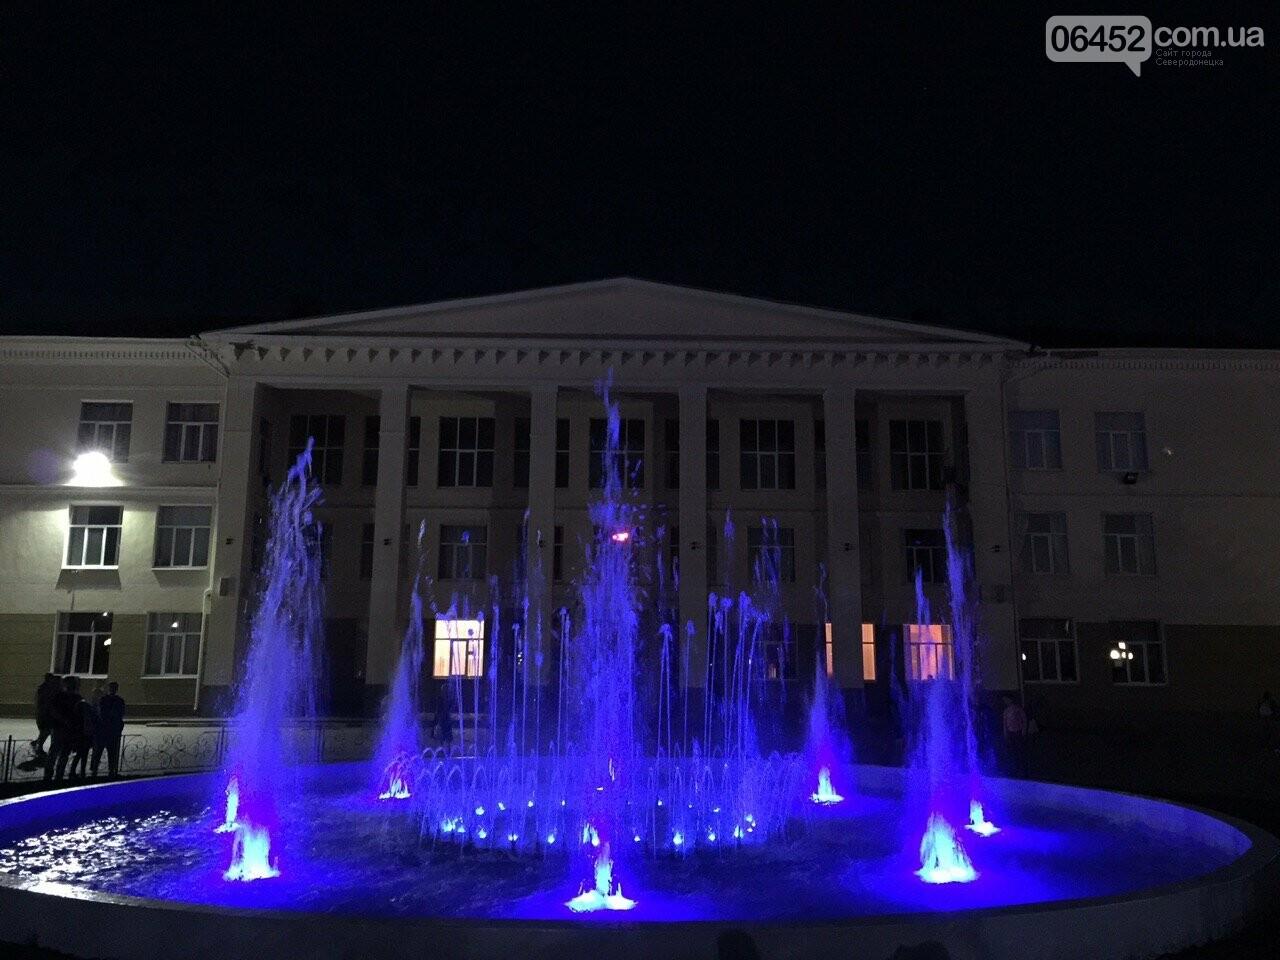 Северодонецк - город фонтанов, фото-2